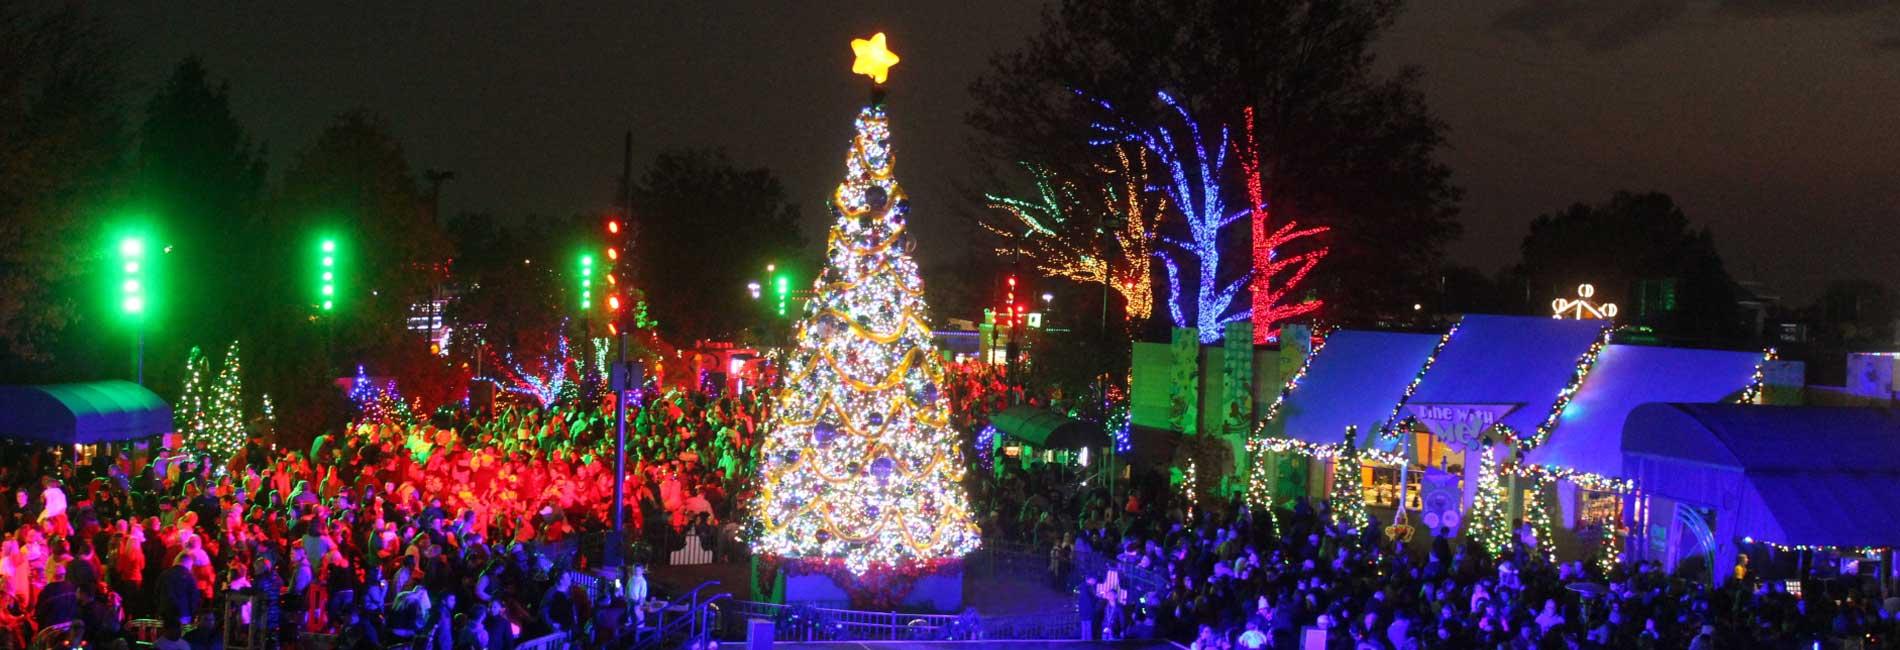 Santa's Illumination